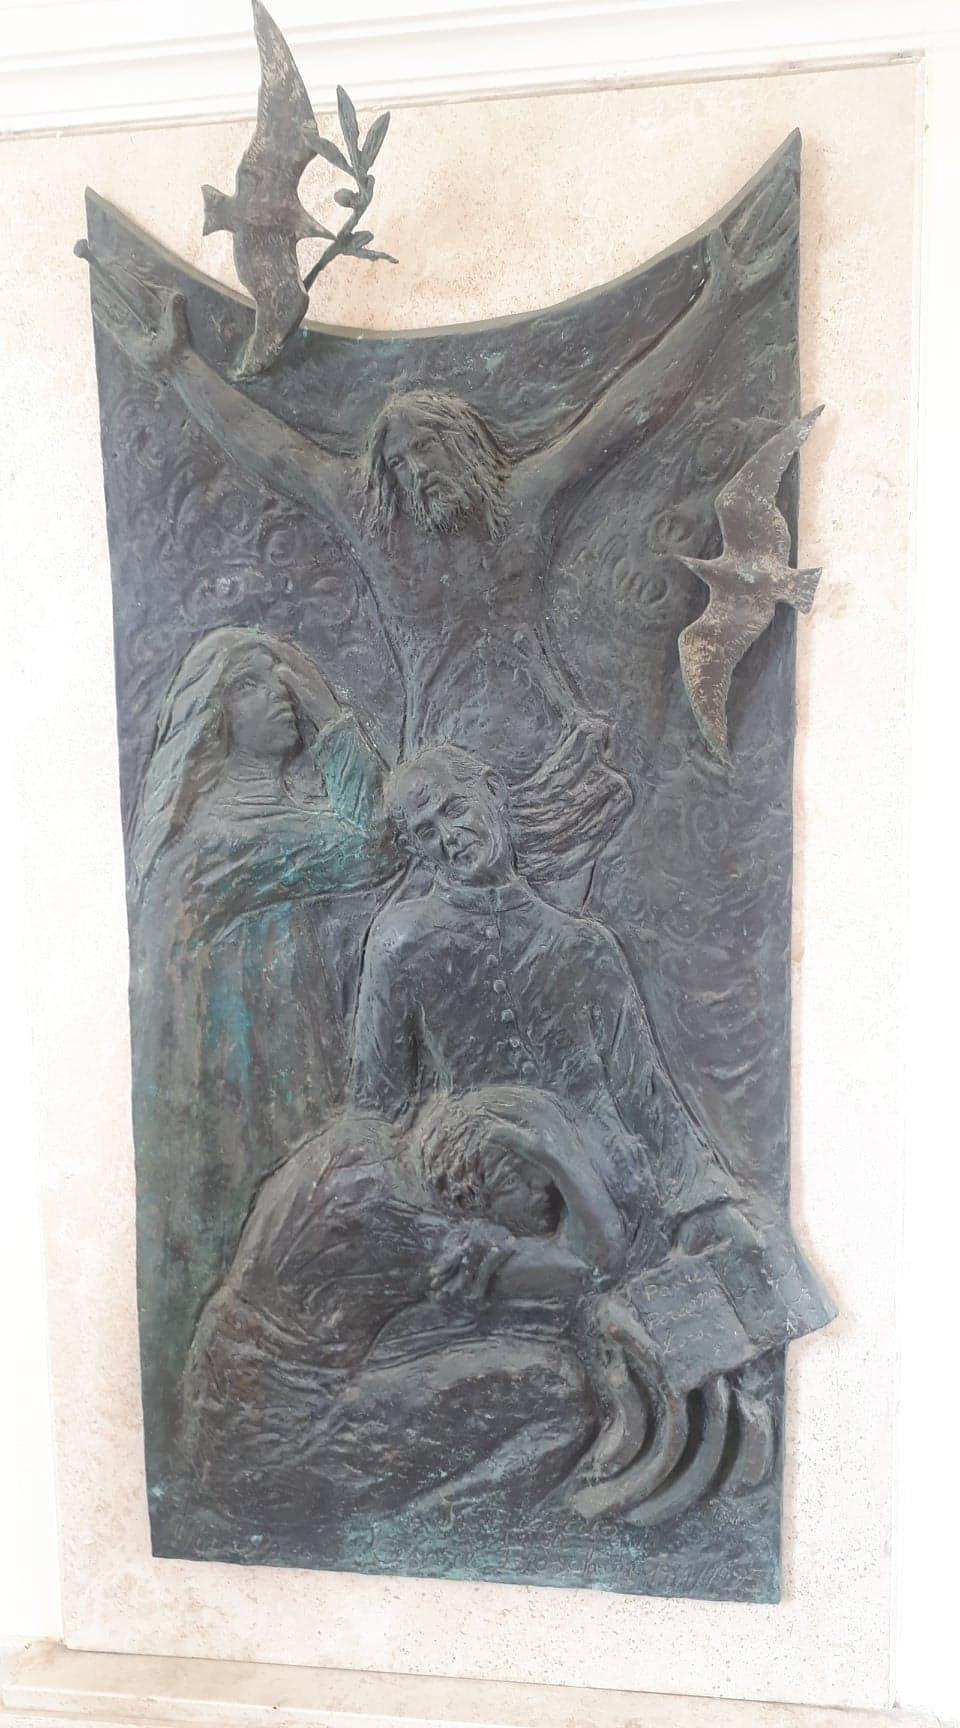 Il bassorilievo in bronzo raffigurante Don Cesare Boschin che alcuni abitanti di Borgo Montello donarono alla parrocchia. Il bassorilievo fu realizzato alla fine degli anni Novanta, tra il '97 e il '98, grazie a una raccolta fondi dei cittadini del Borgo. Il costo del bassorilievo fu di 10 milioni di lire